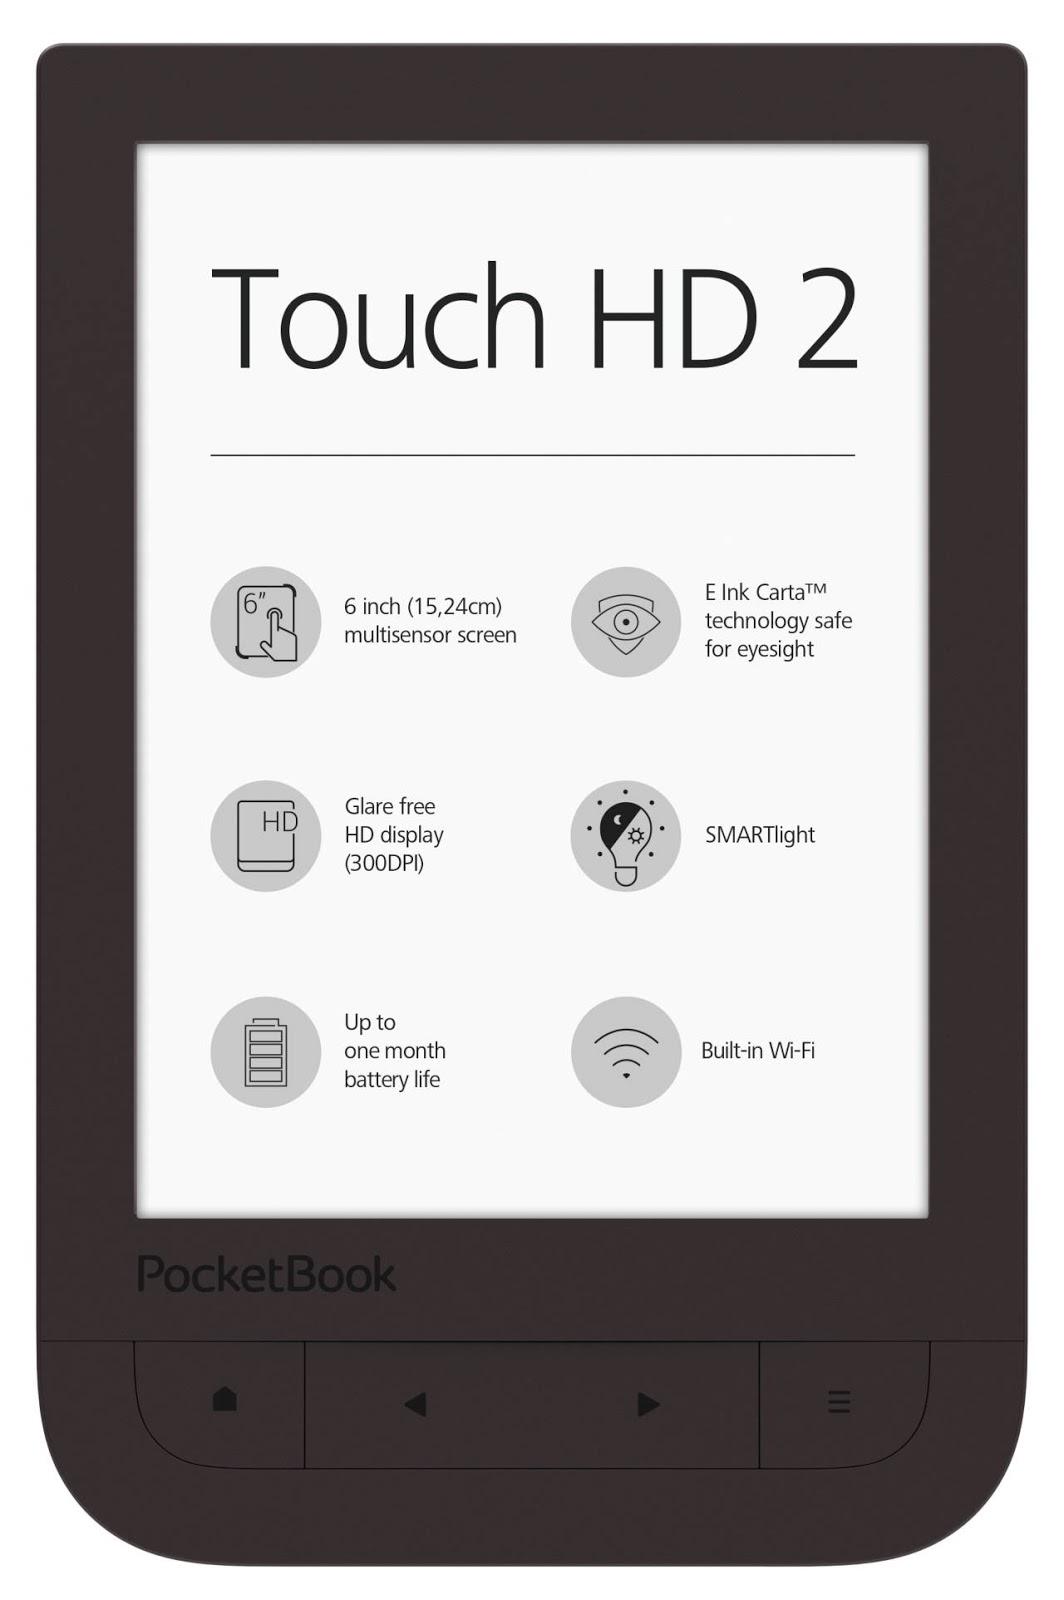 PocketBook Touch HD 2 z brązową obudową i regulowaną barwą podświetlenia